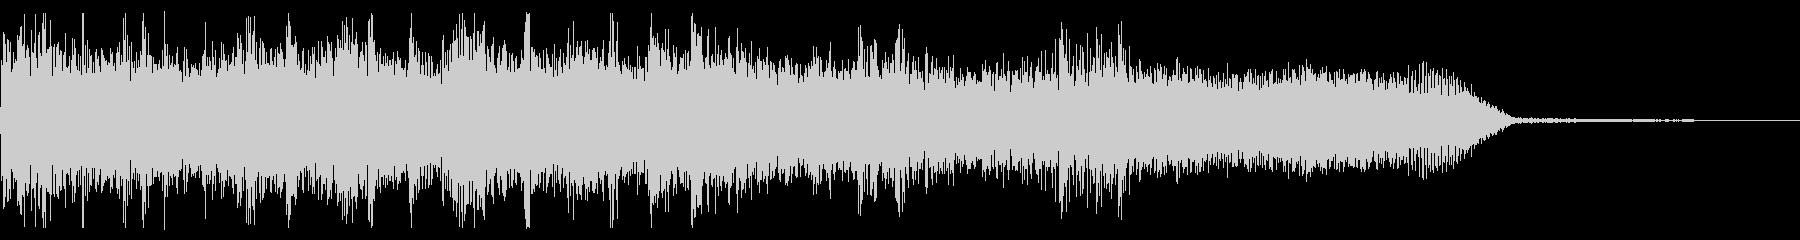 ハードロック・メタル系ジングル 場面転換の未再生の波形